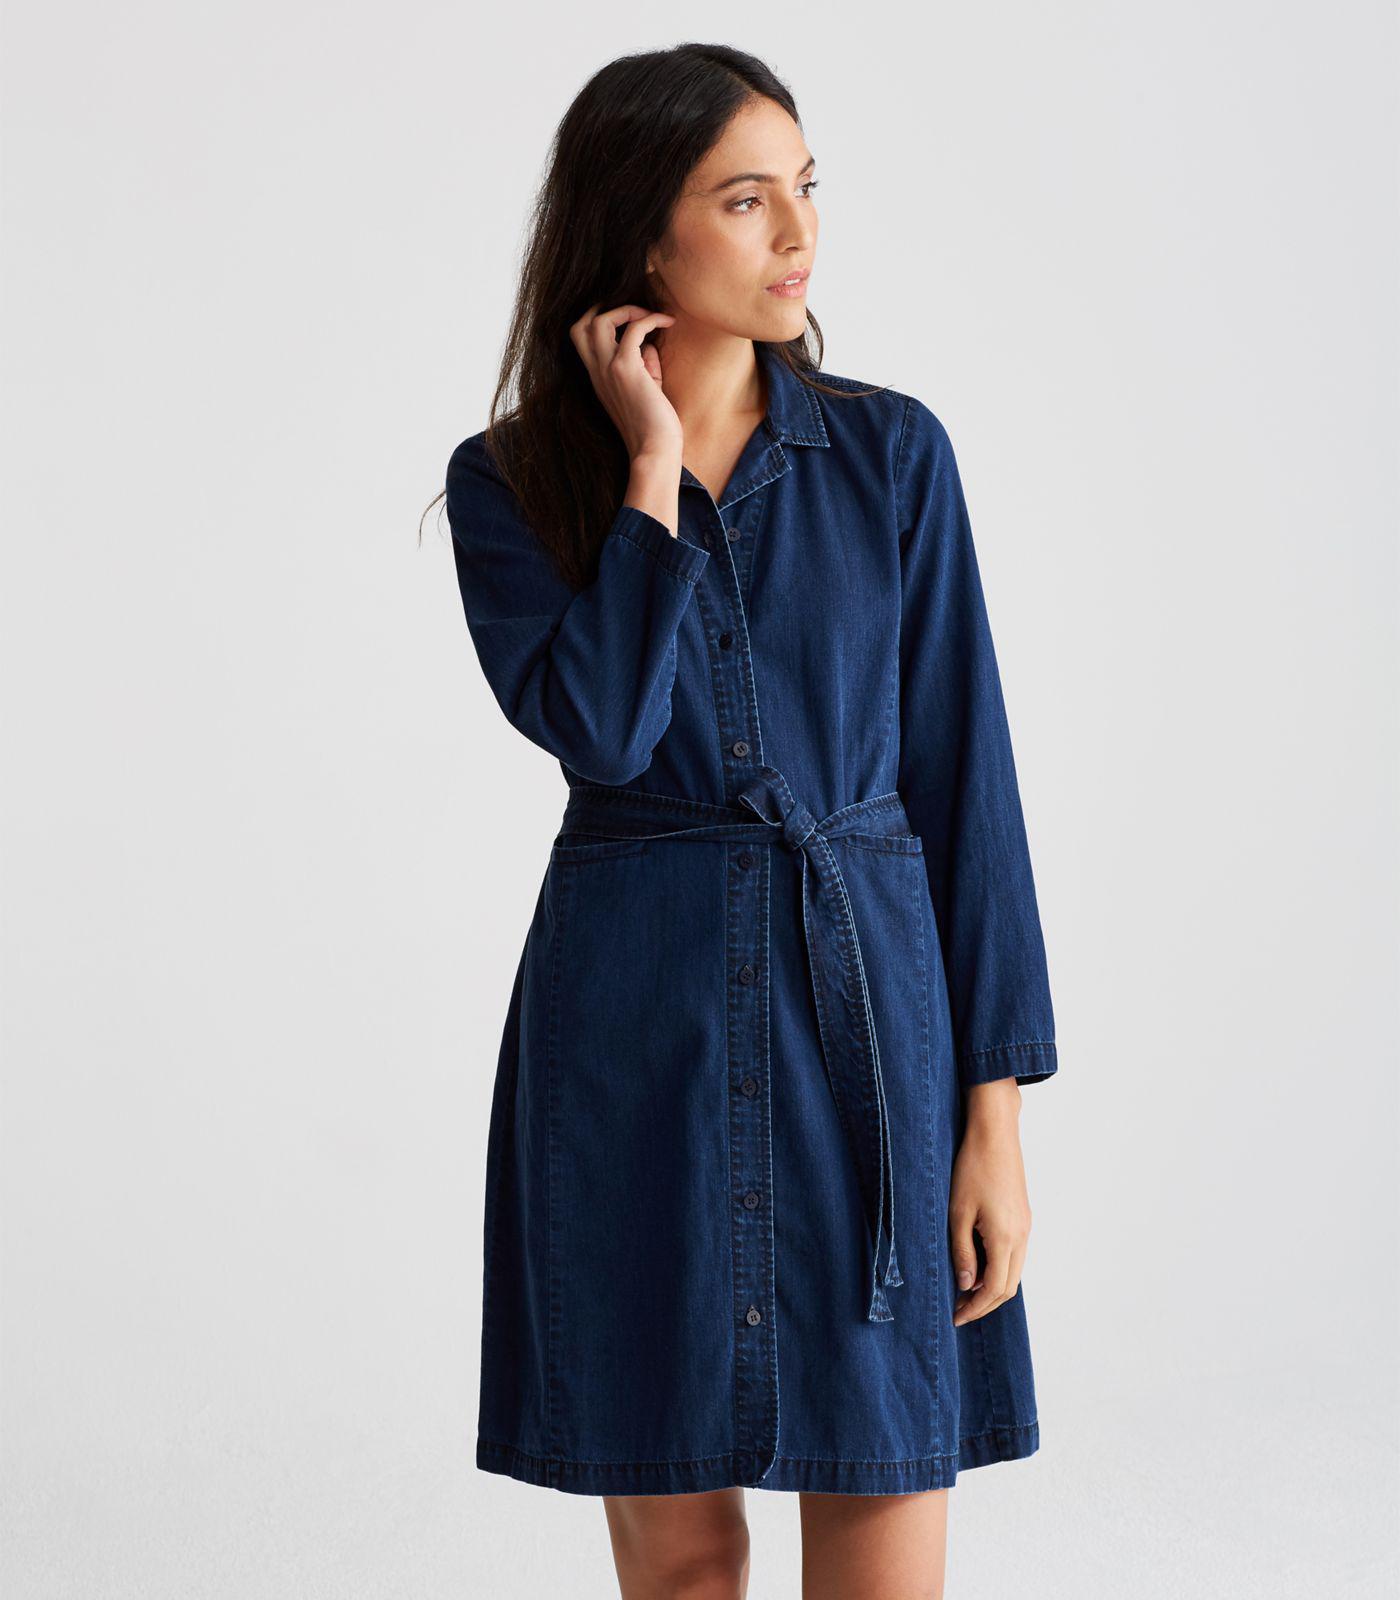 e31fc5a8a26 Eileen Fisher - Blue Organic Cotton Denim Shirt Dress - Lyst. View  fullscreen